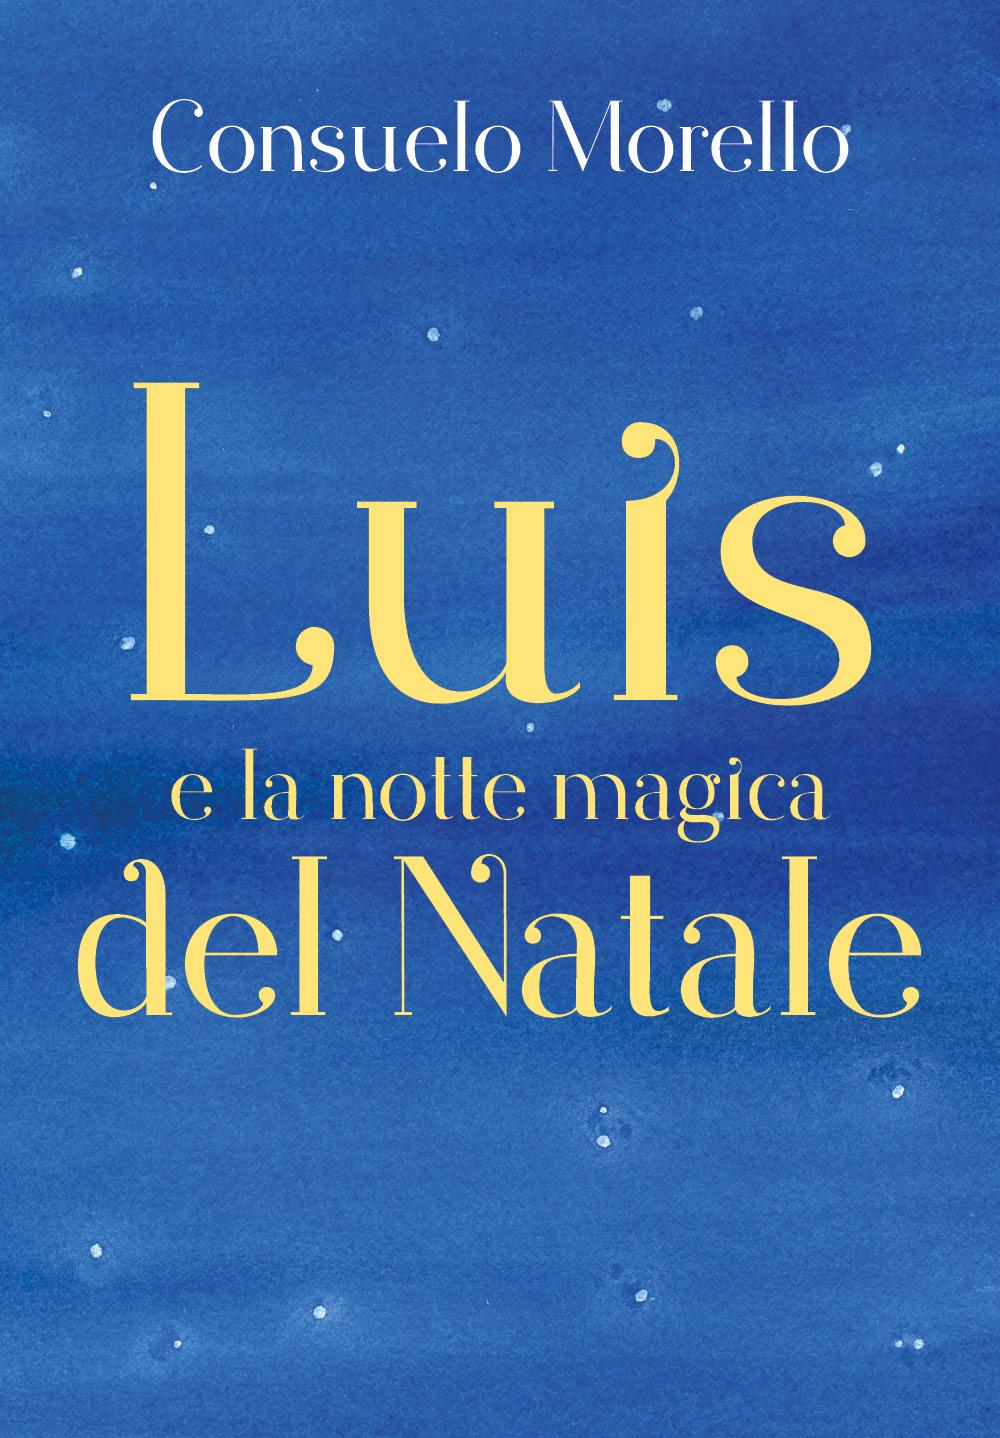 Luis e la notte magica del Natale